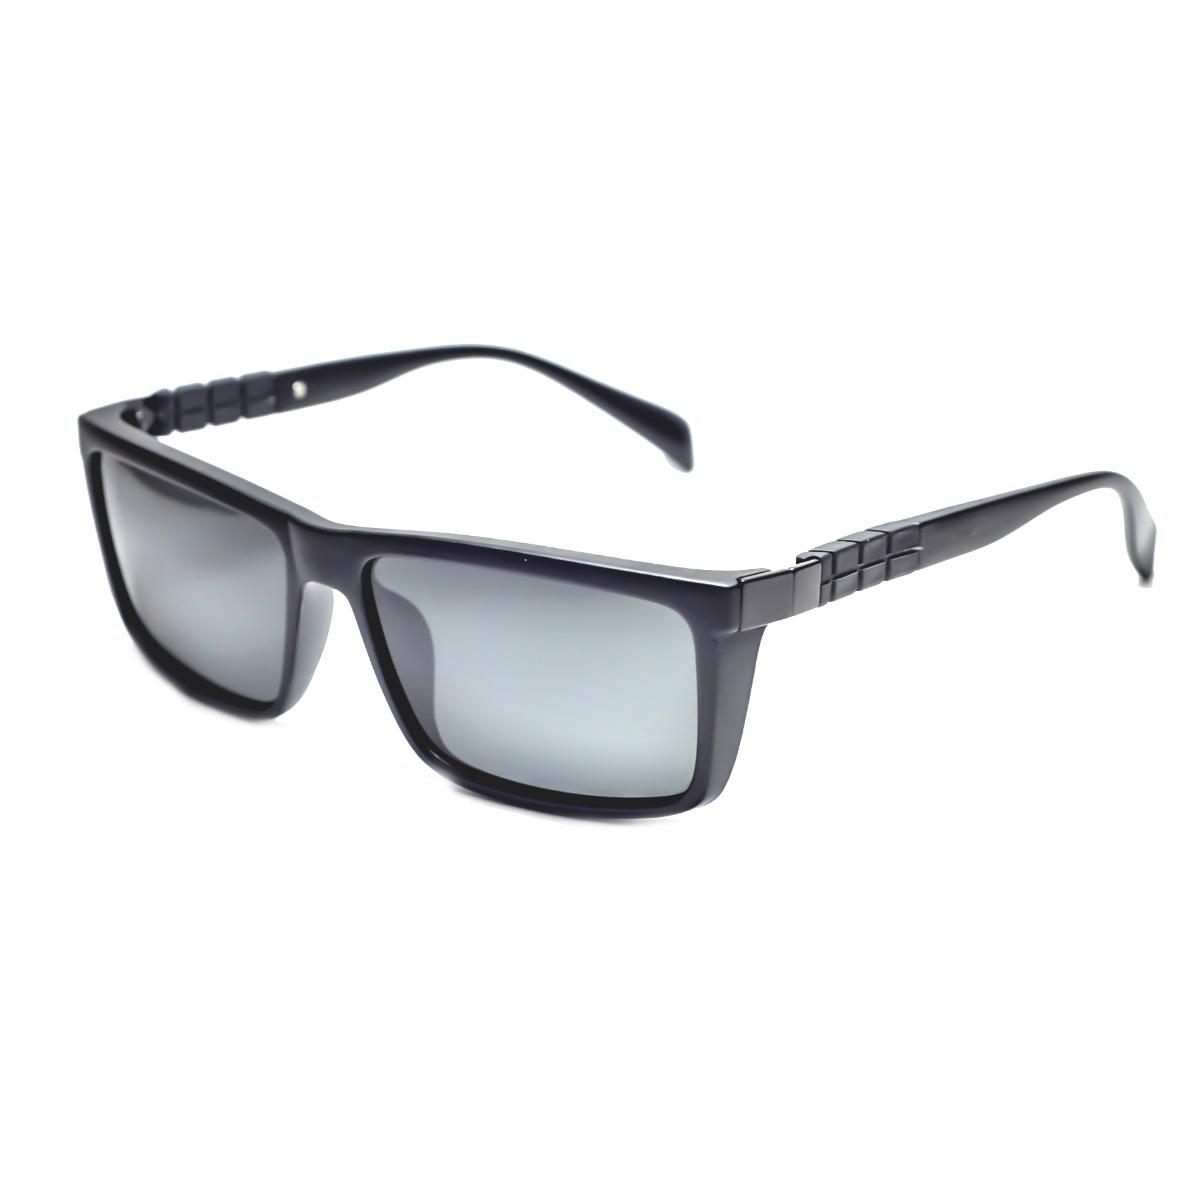 bf84054c4 oculos de sol preto quadrado estiloso qualidade top uv400. Carregando zoom.